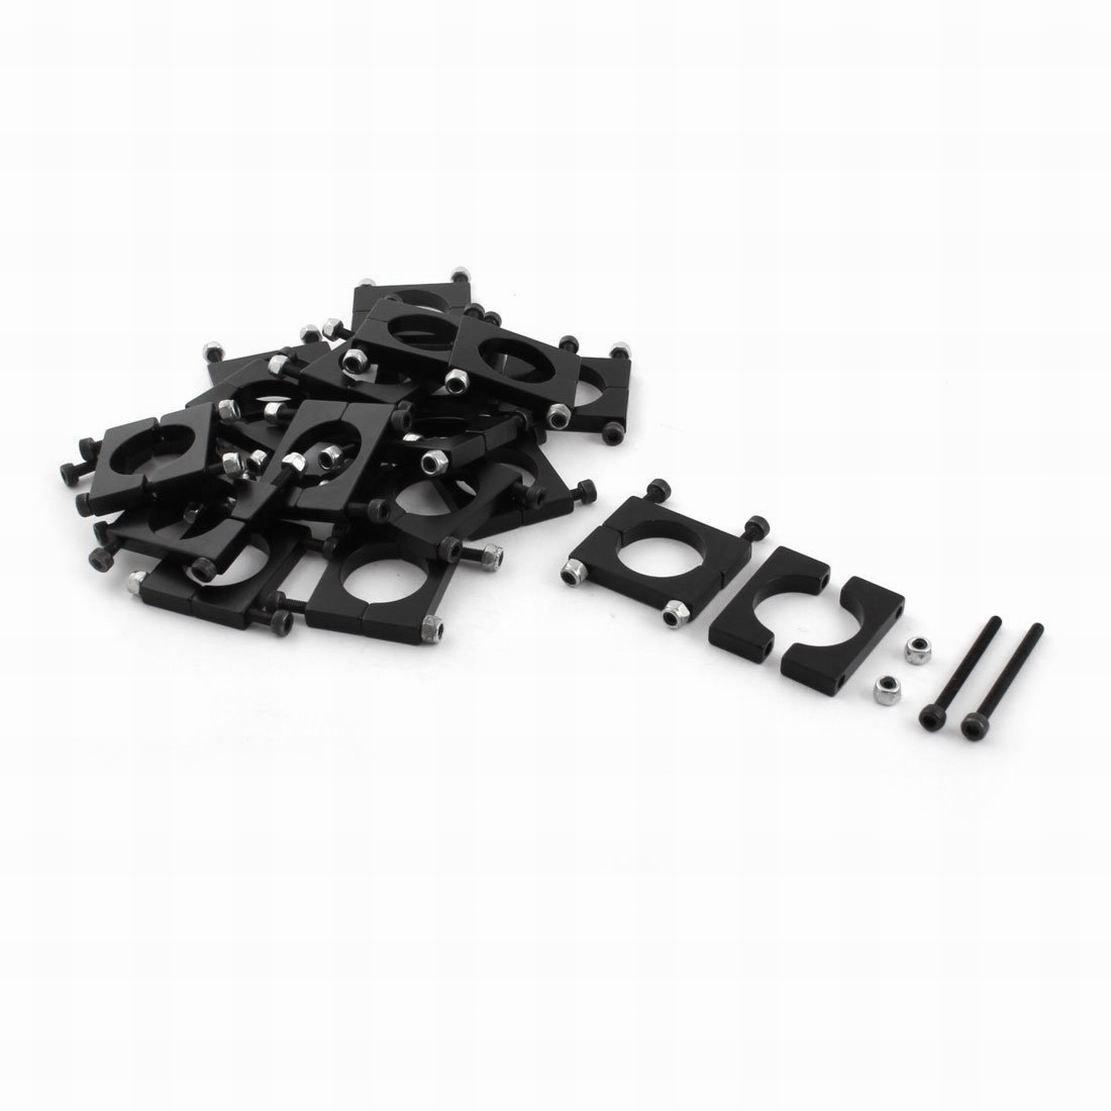 Uptell 20Pcs 20mm Aluminum Clamp Clip for Carbon Fiber Tube DIY RC Multirotor